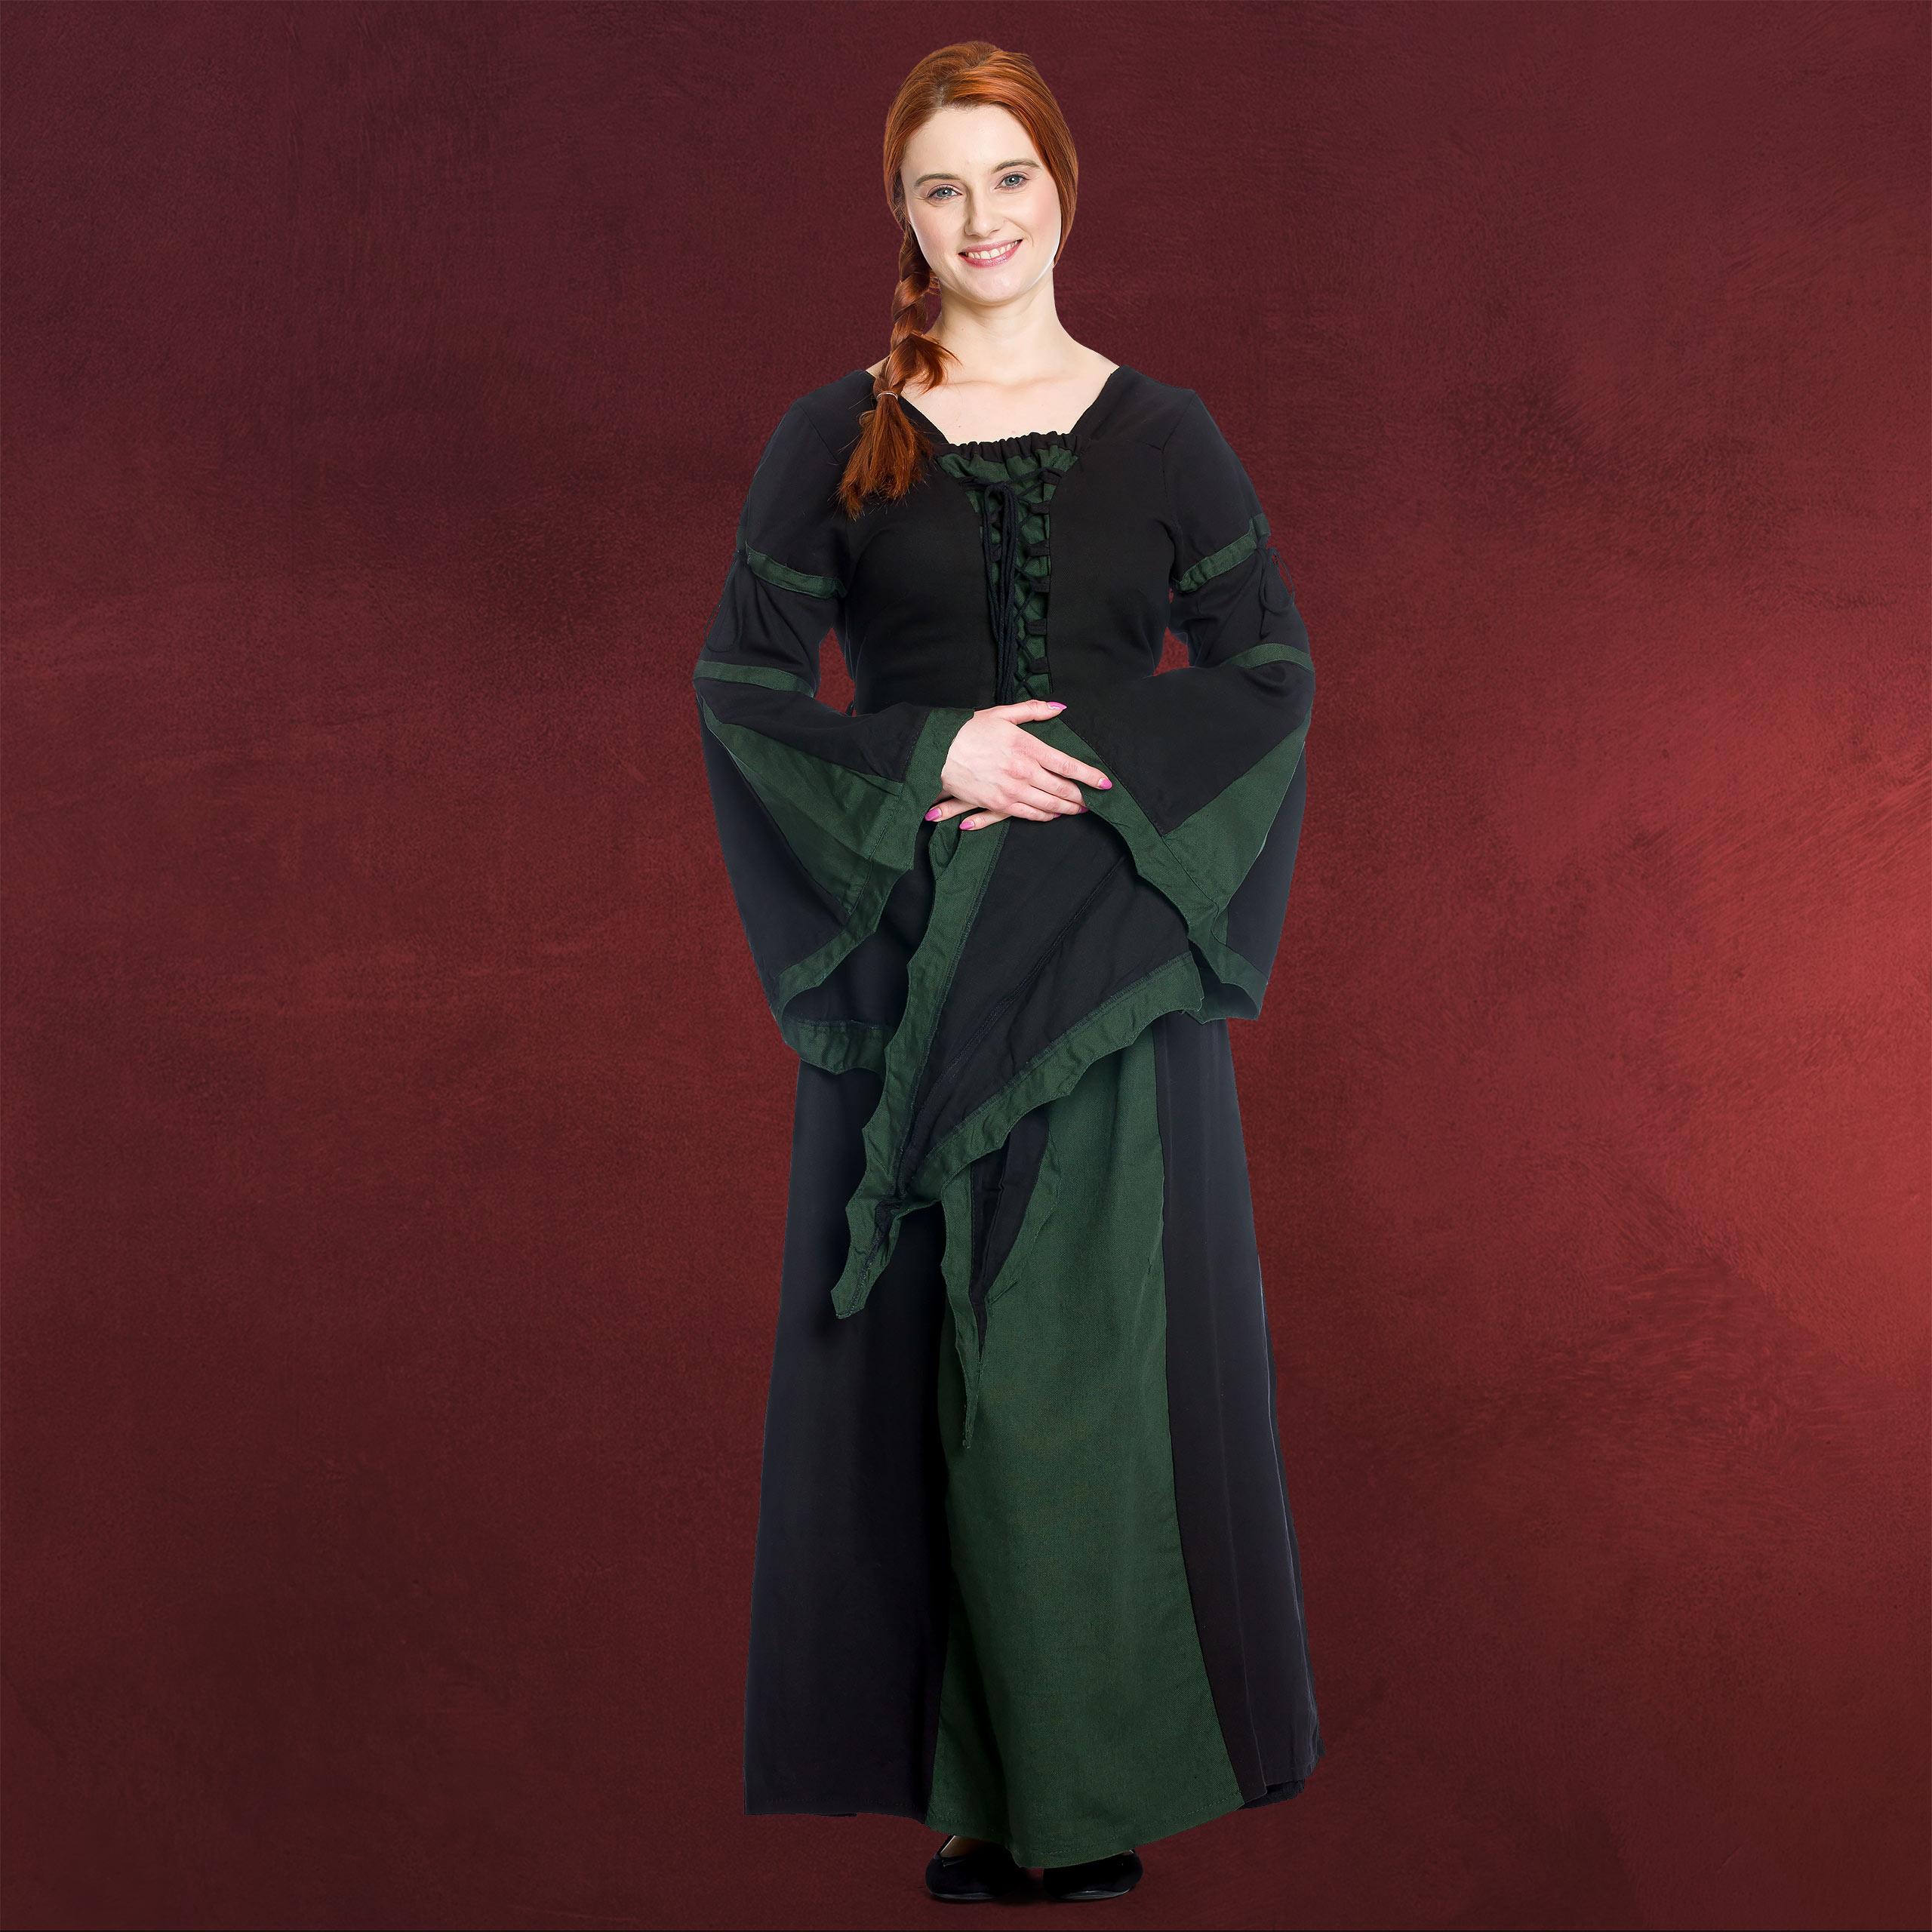 Details zu mittelalter gewand kleid dunkelgrün sch warz edel